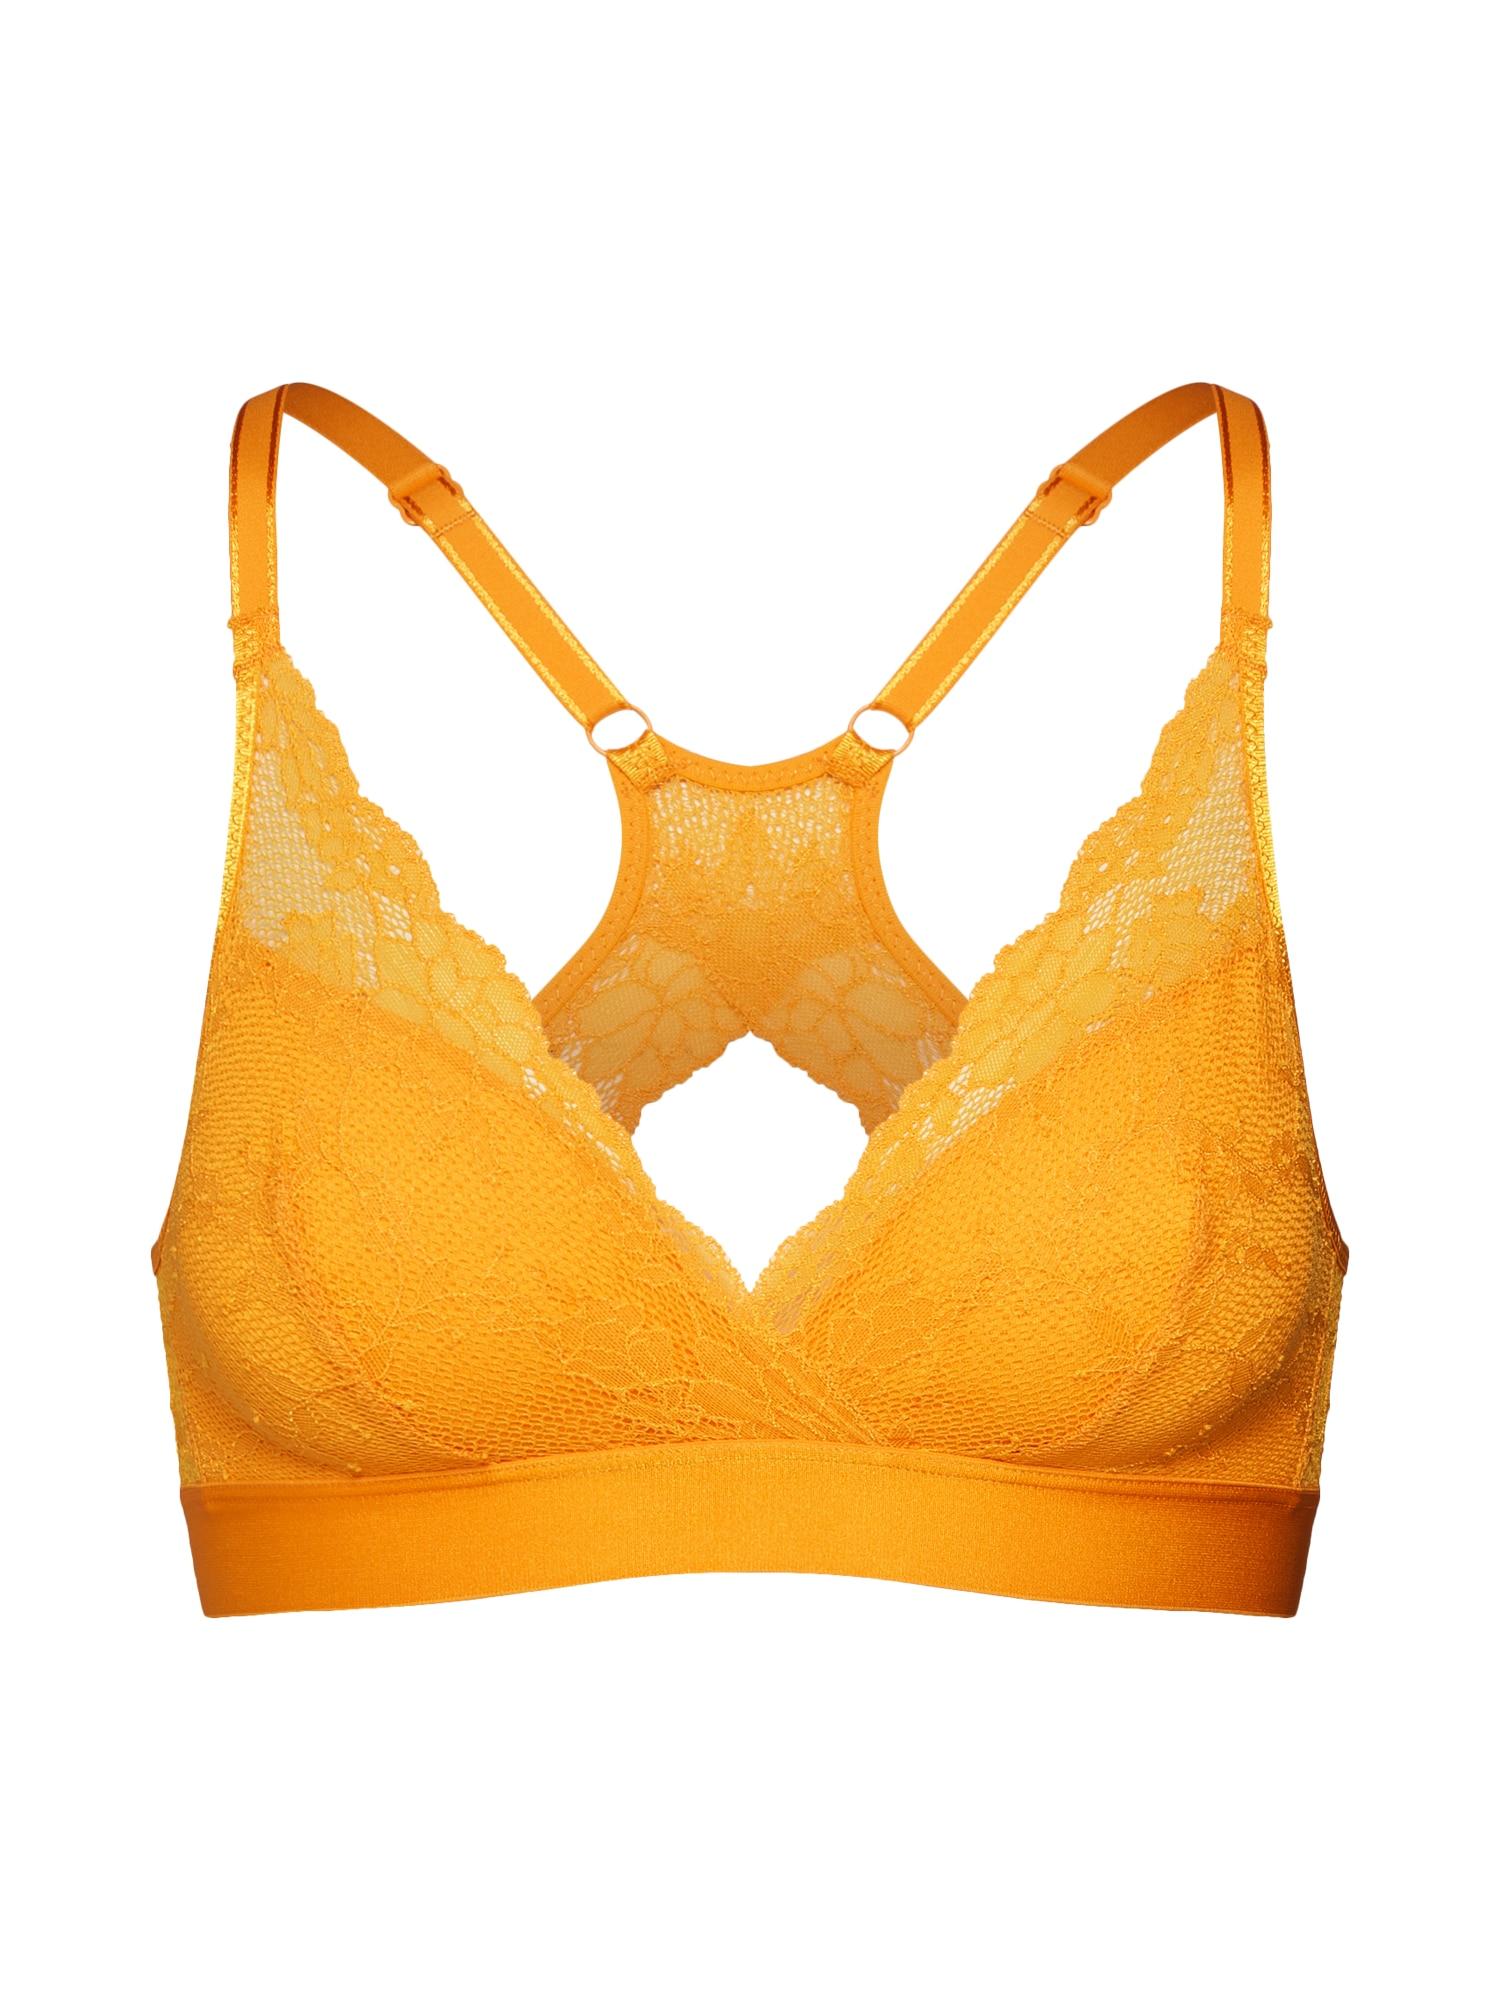 Podprsenka Everyday Lace zlatě žlutá Chantelle